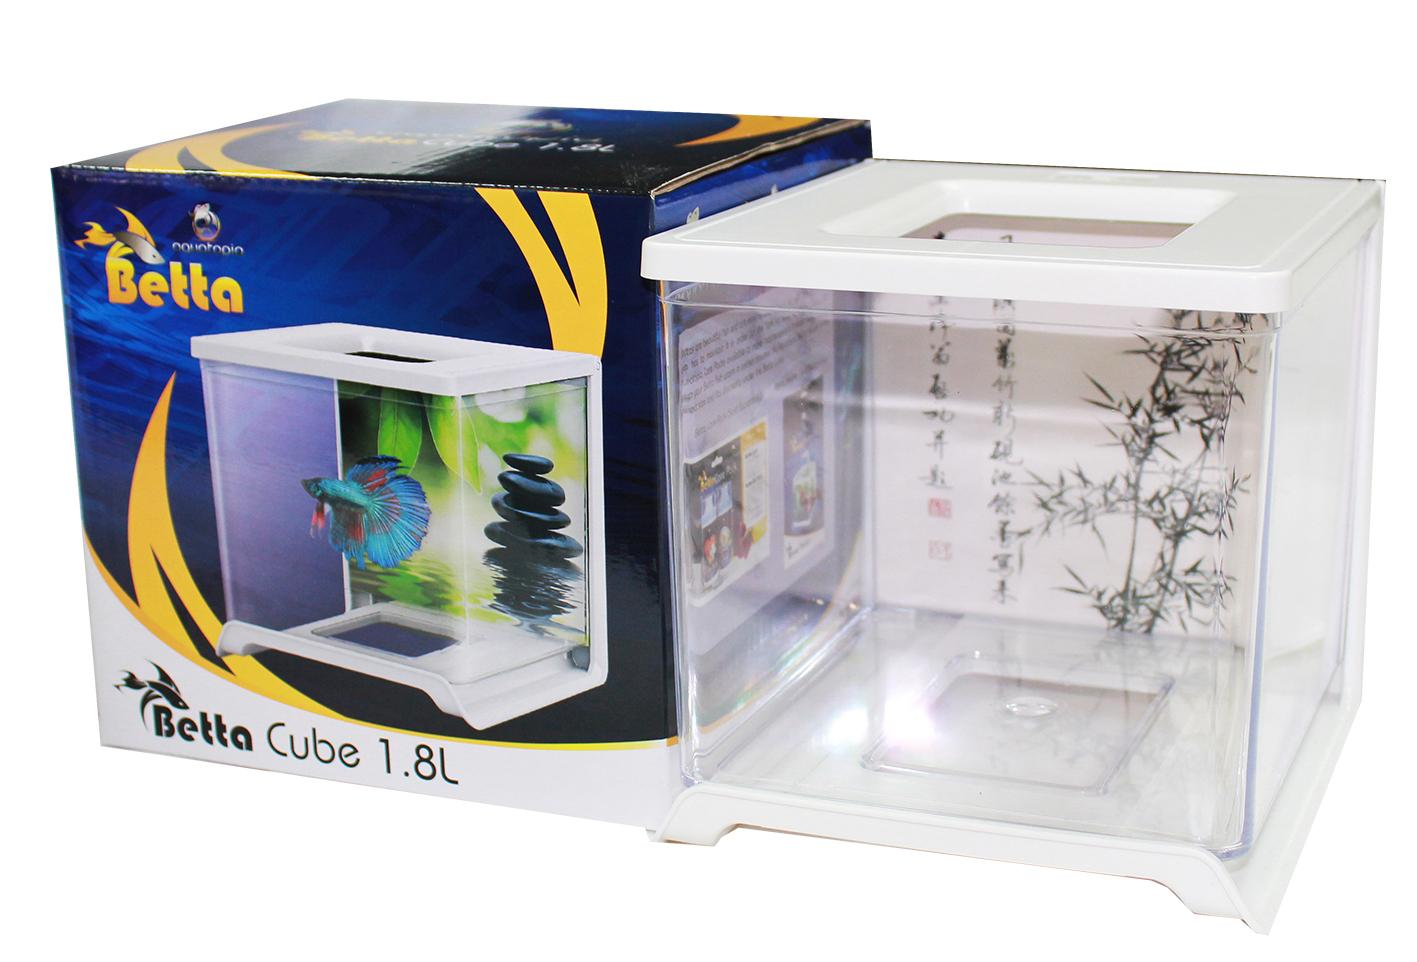 Betta cube 1 8l white aquarium tanks single aquatopia for Aquarium cube